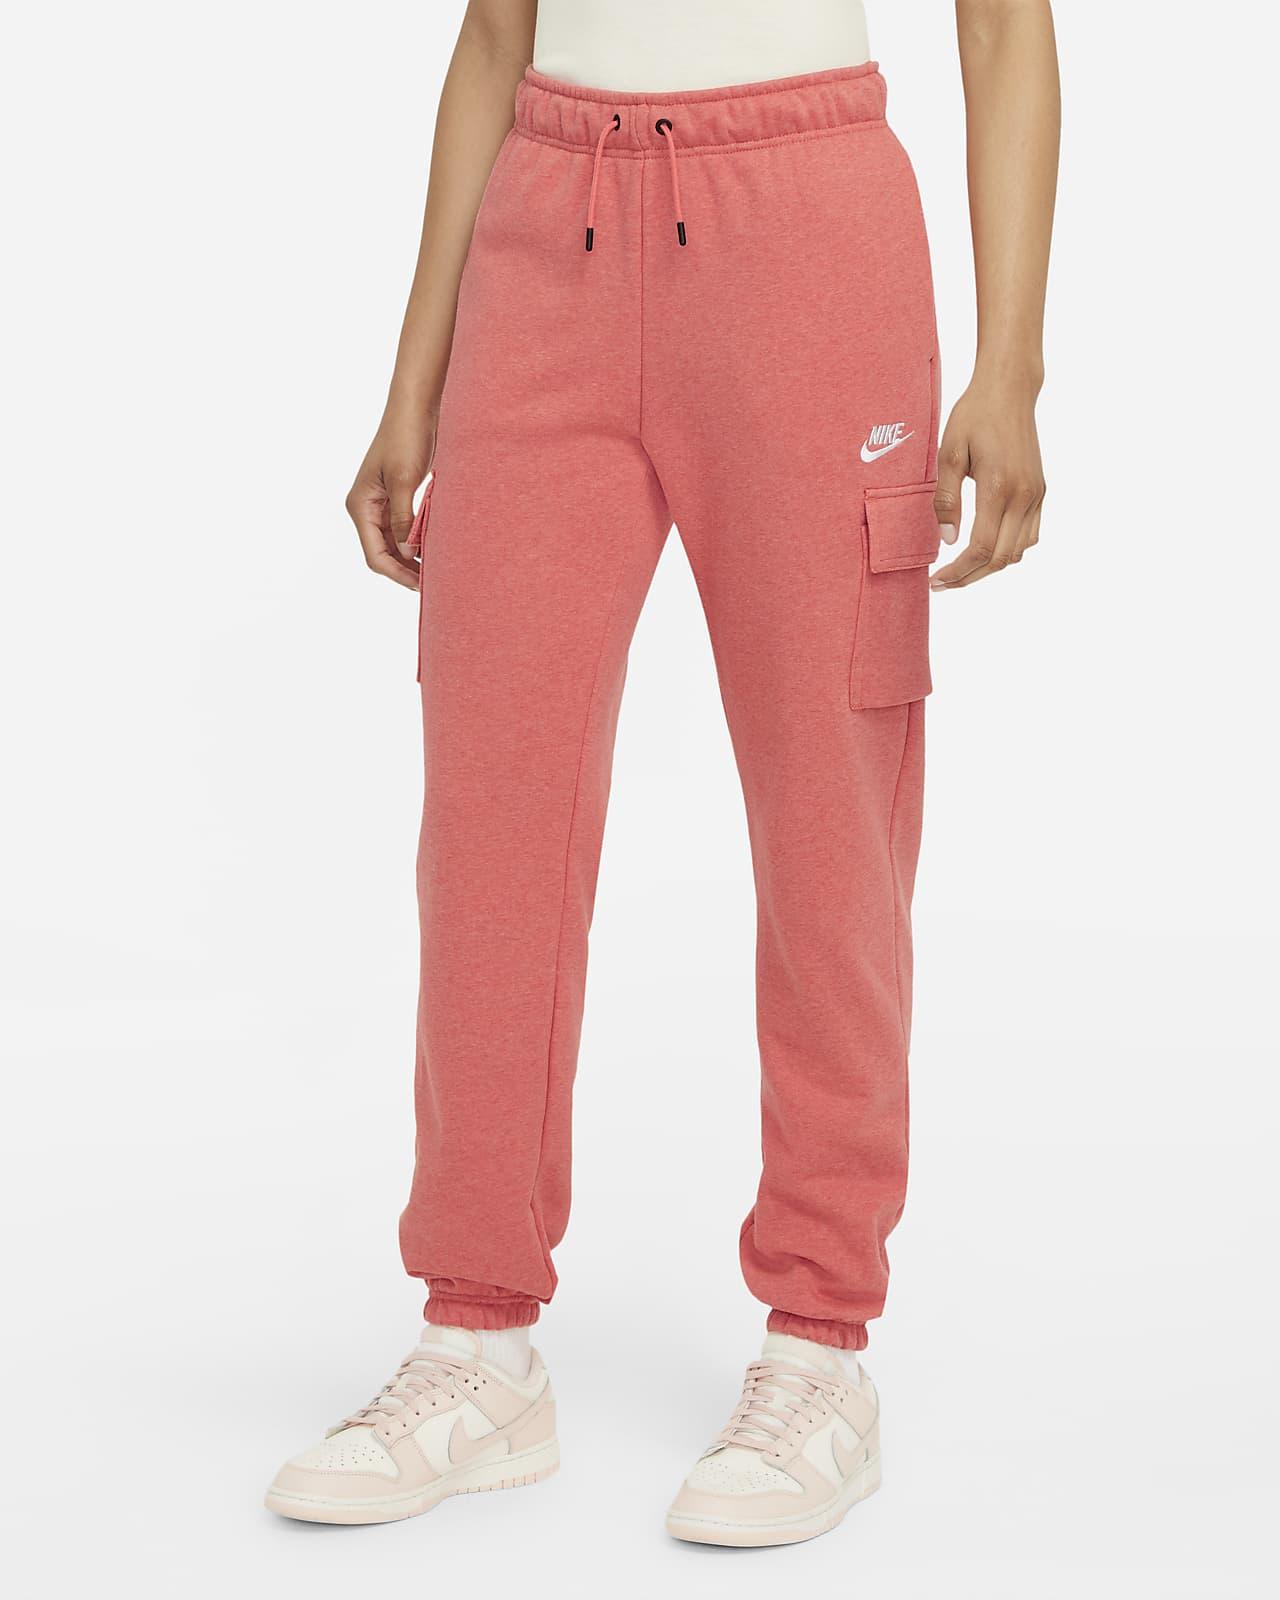 Nike Sportswear Essentials Women's Mid-Rise Cargo Pants